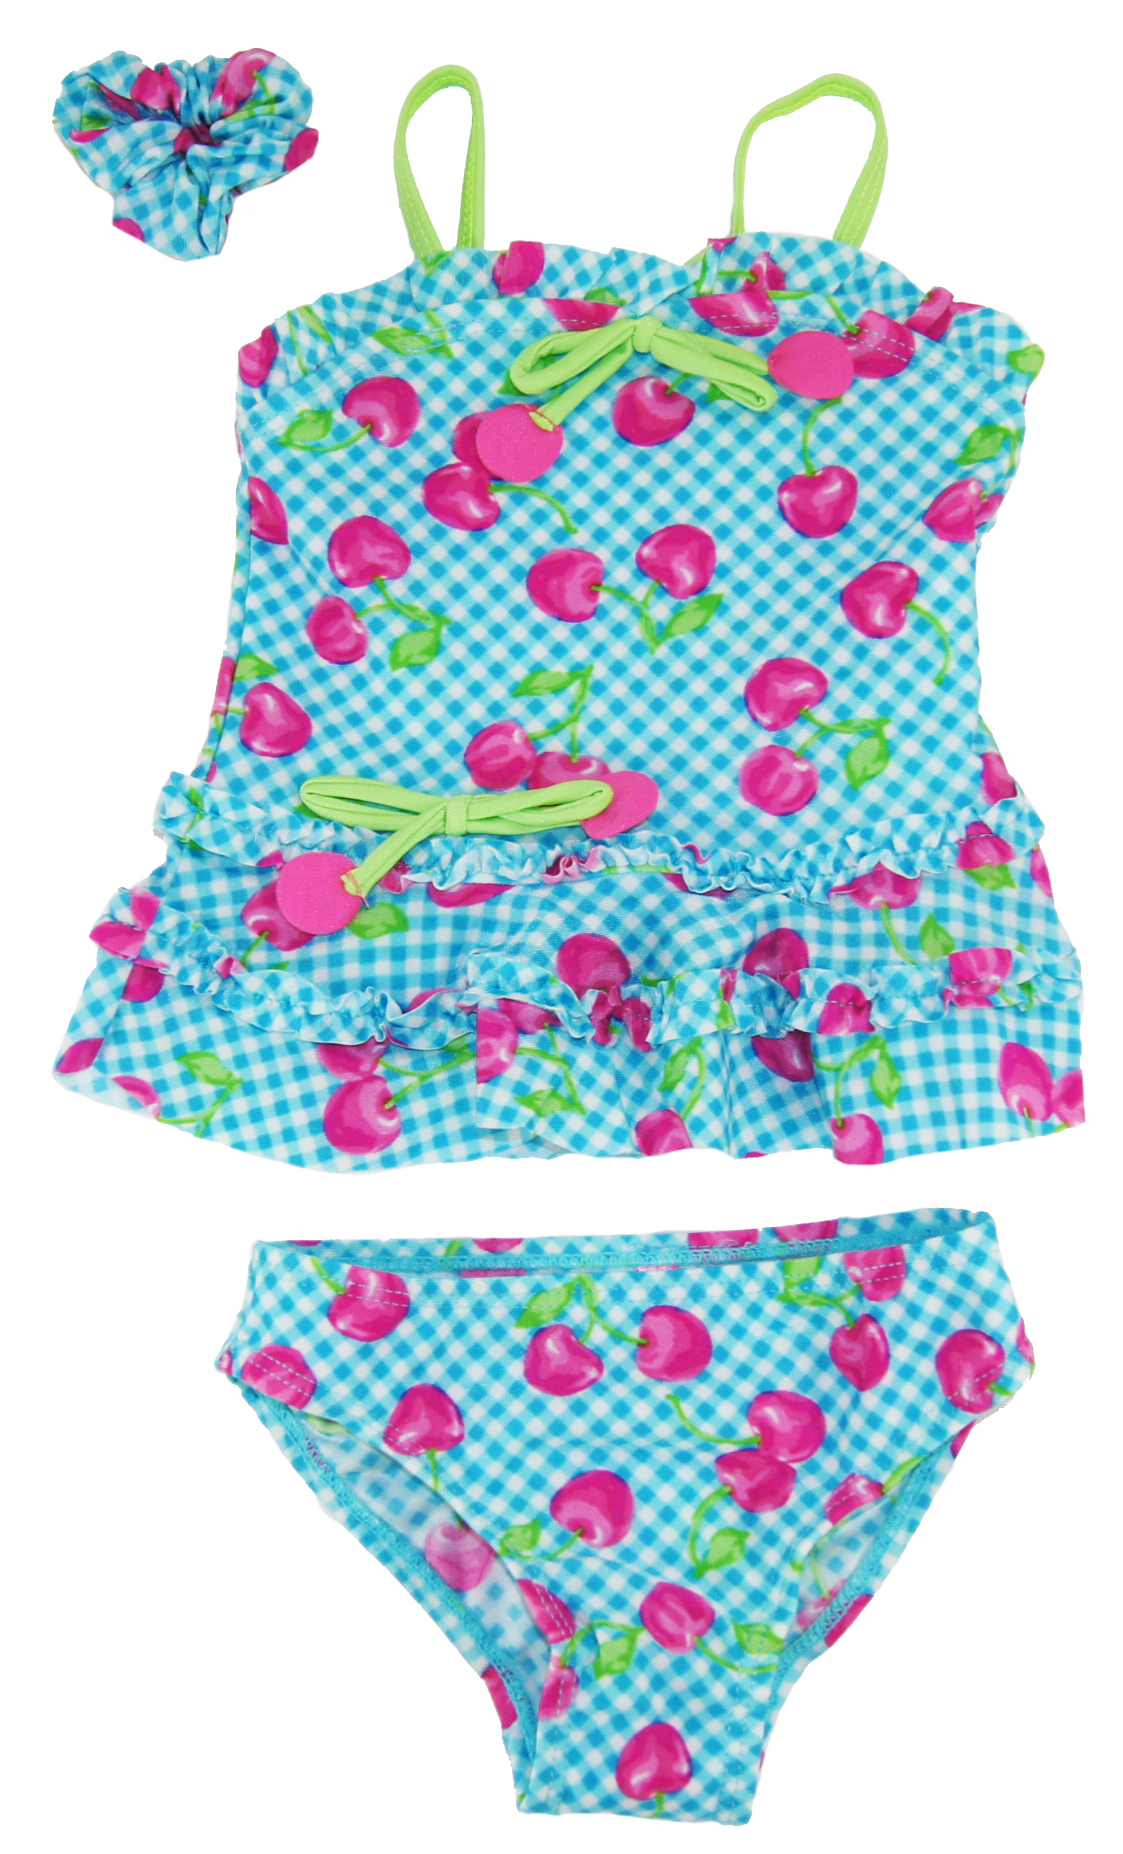 Topsi Baby Girls Cherry Rash Guard 2Pc Swim Set